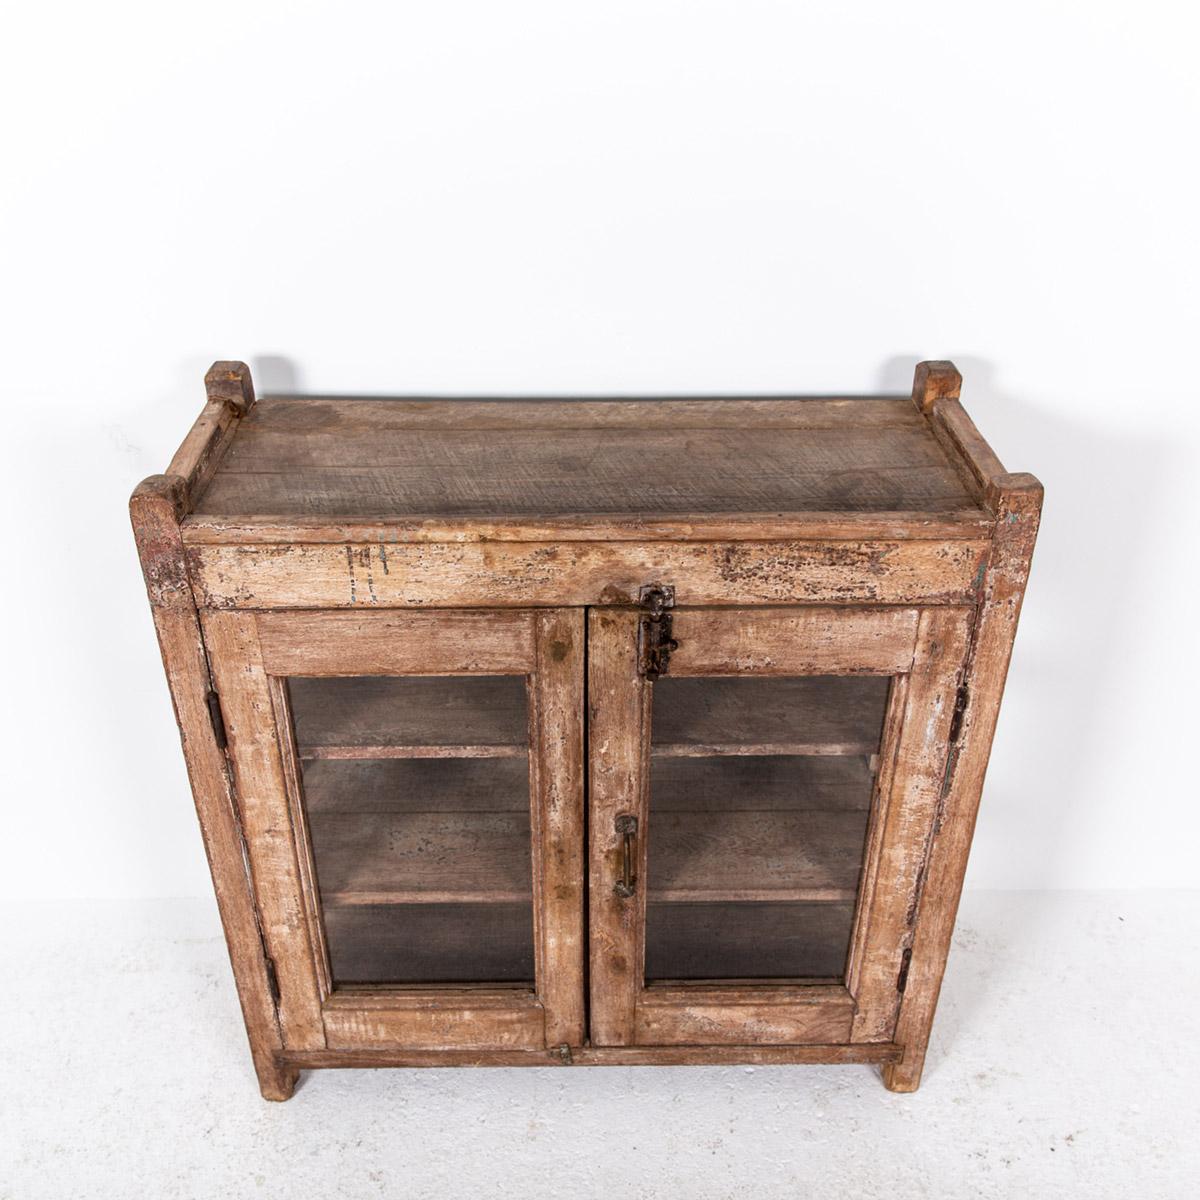 Lage-oude-glazen-kast-2-deuren-bruin-11